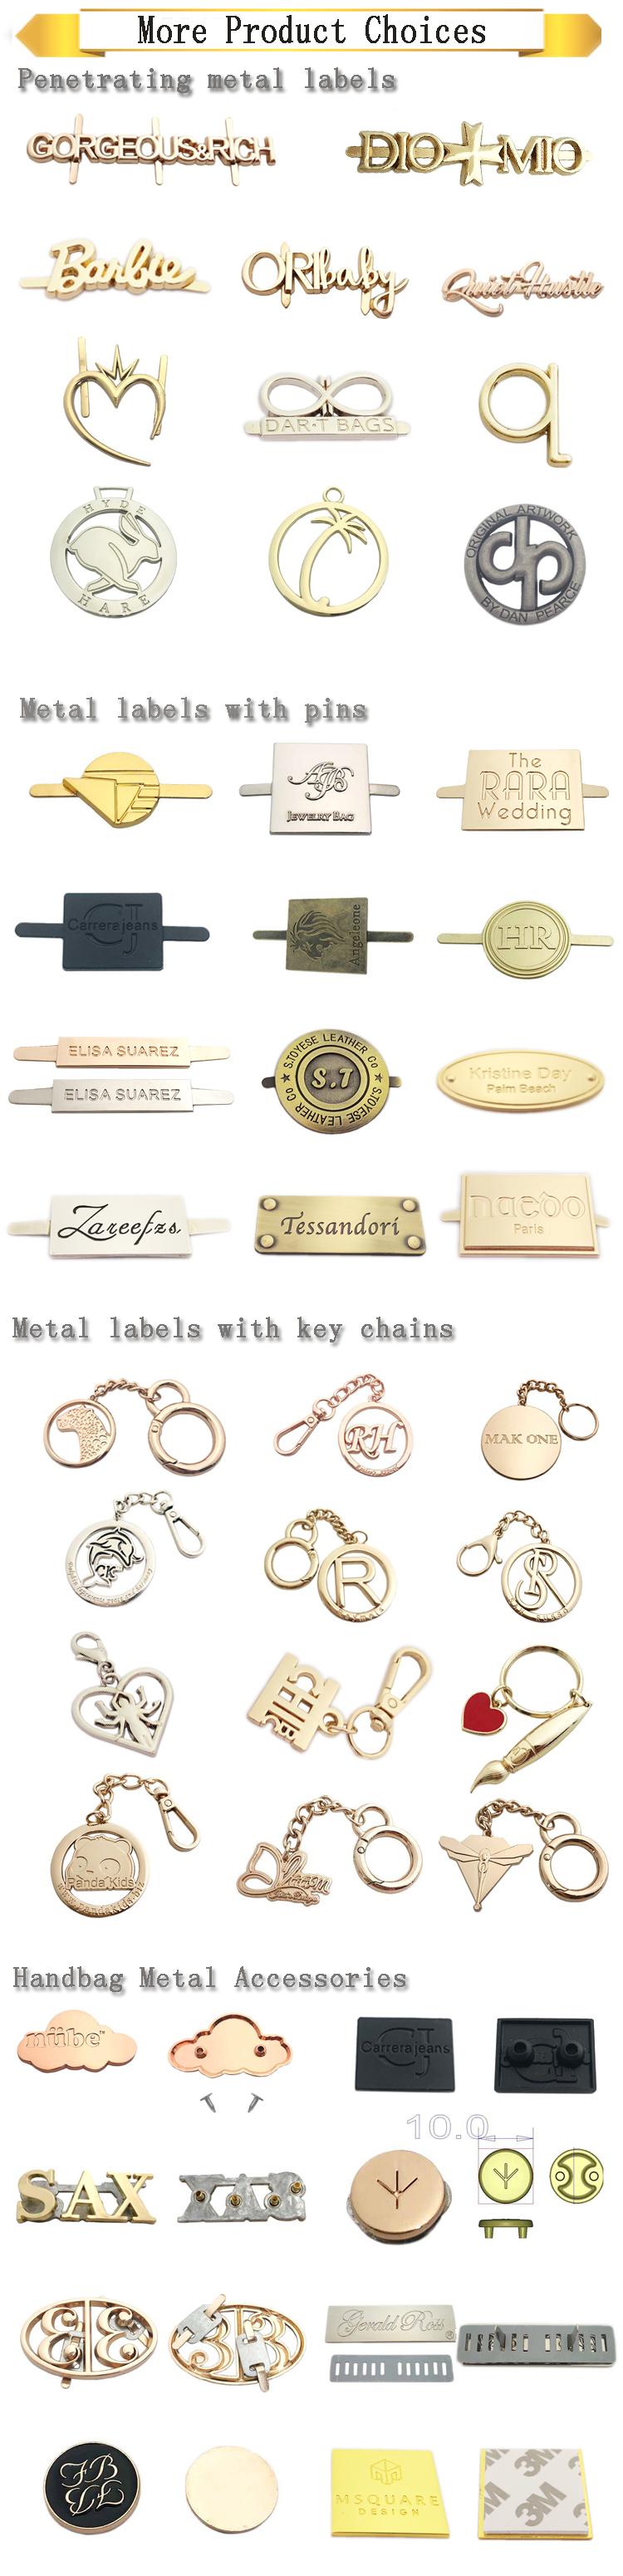 Logotipo personalizado fabricante artesanal de metal etiqueta de metal logotipo placa tag para bolsa